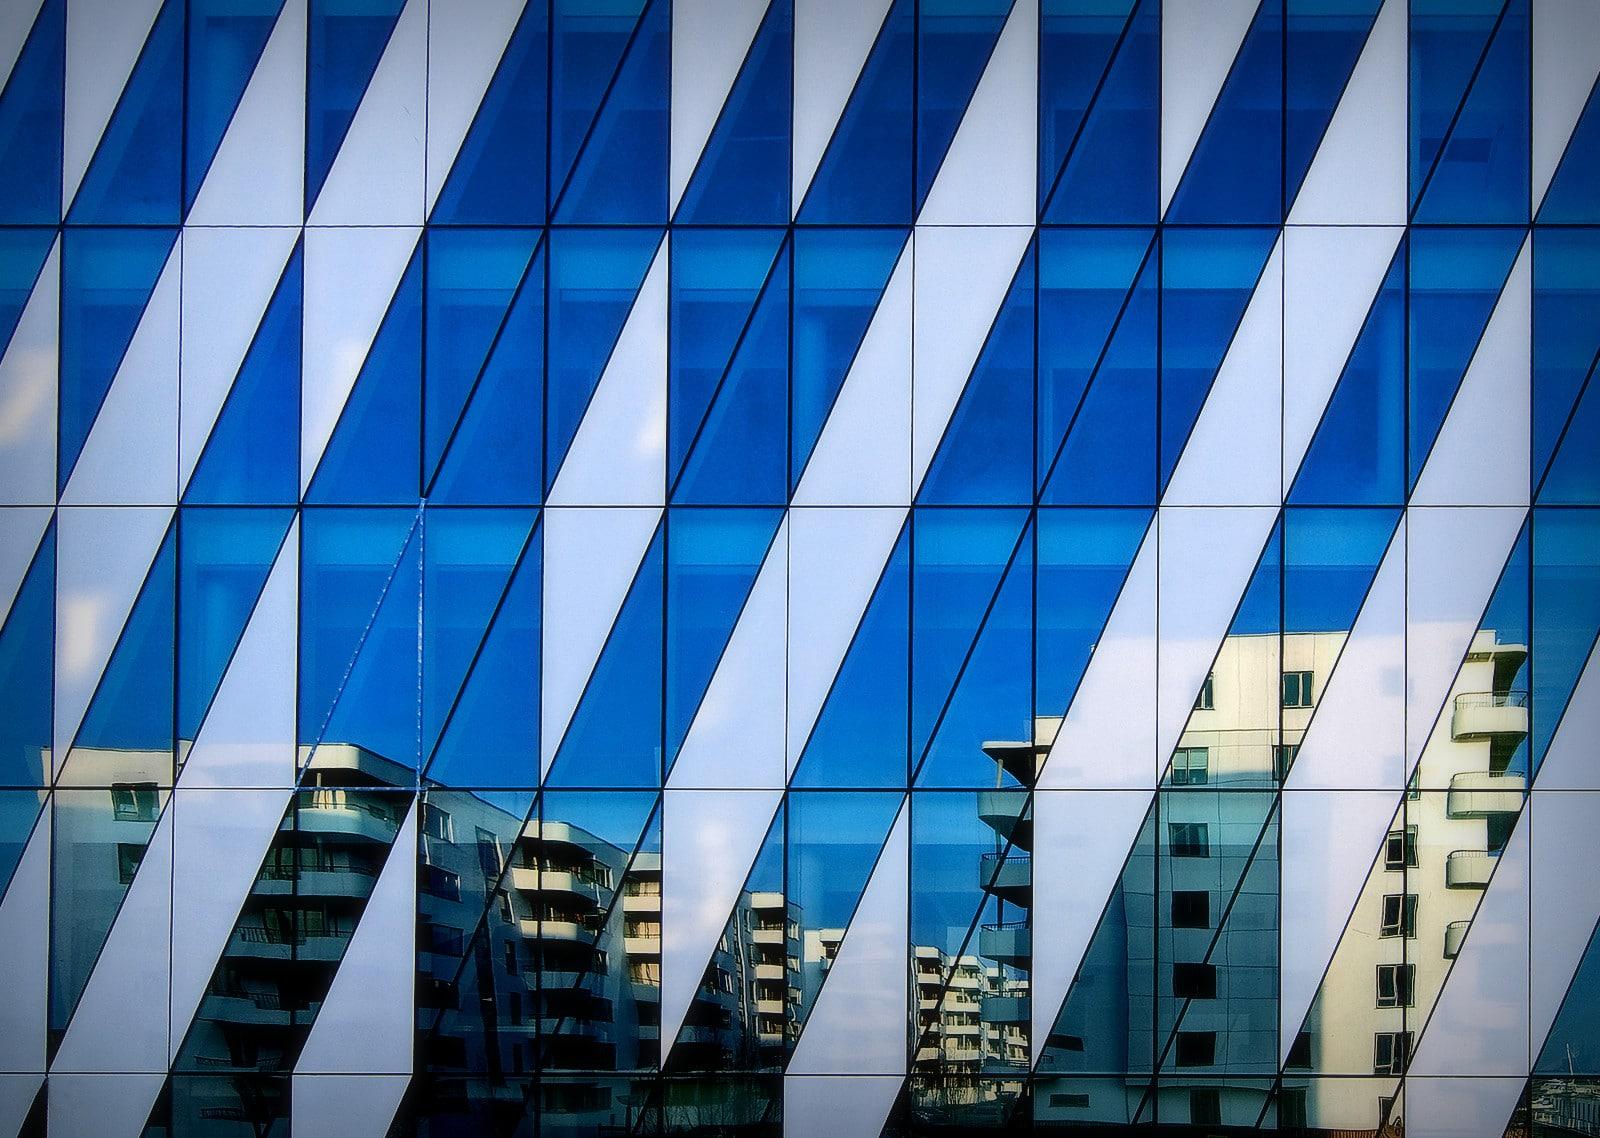 Saxo Bank из Дании сделал прогноз на 2020 год: плохо будет всем, кроме России